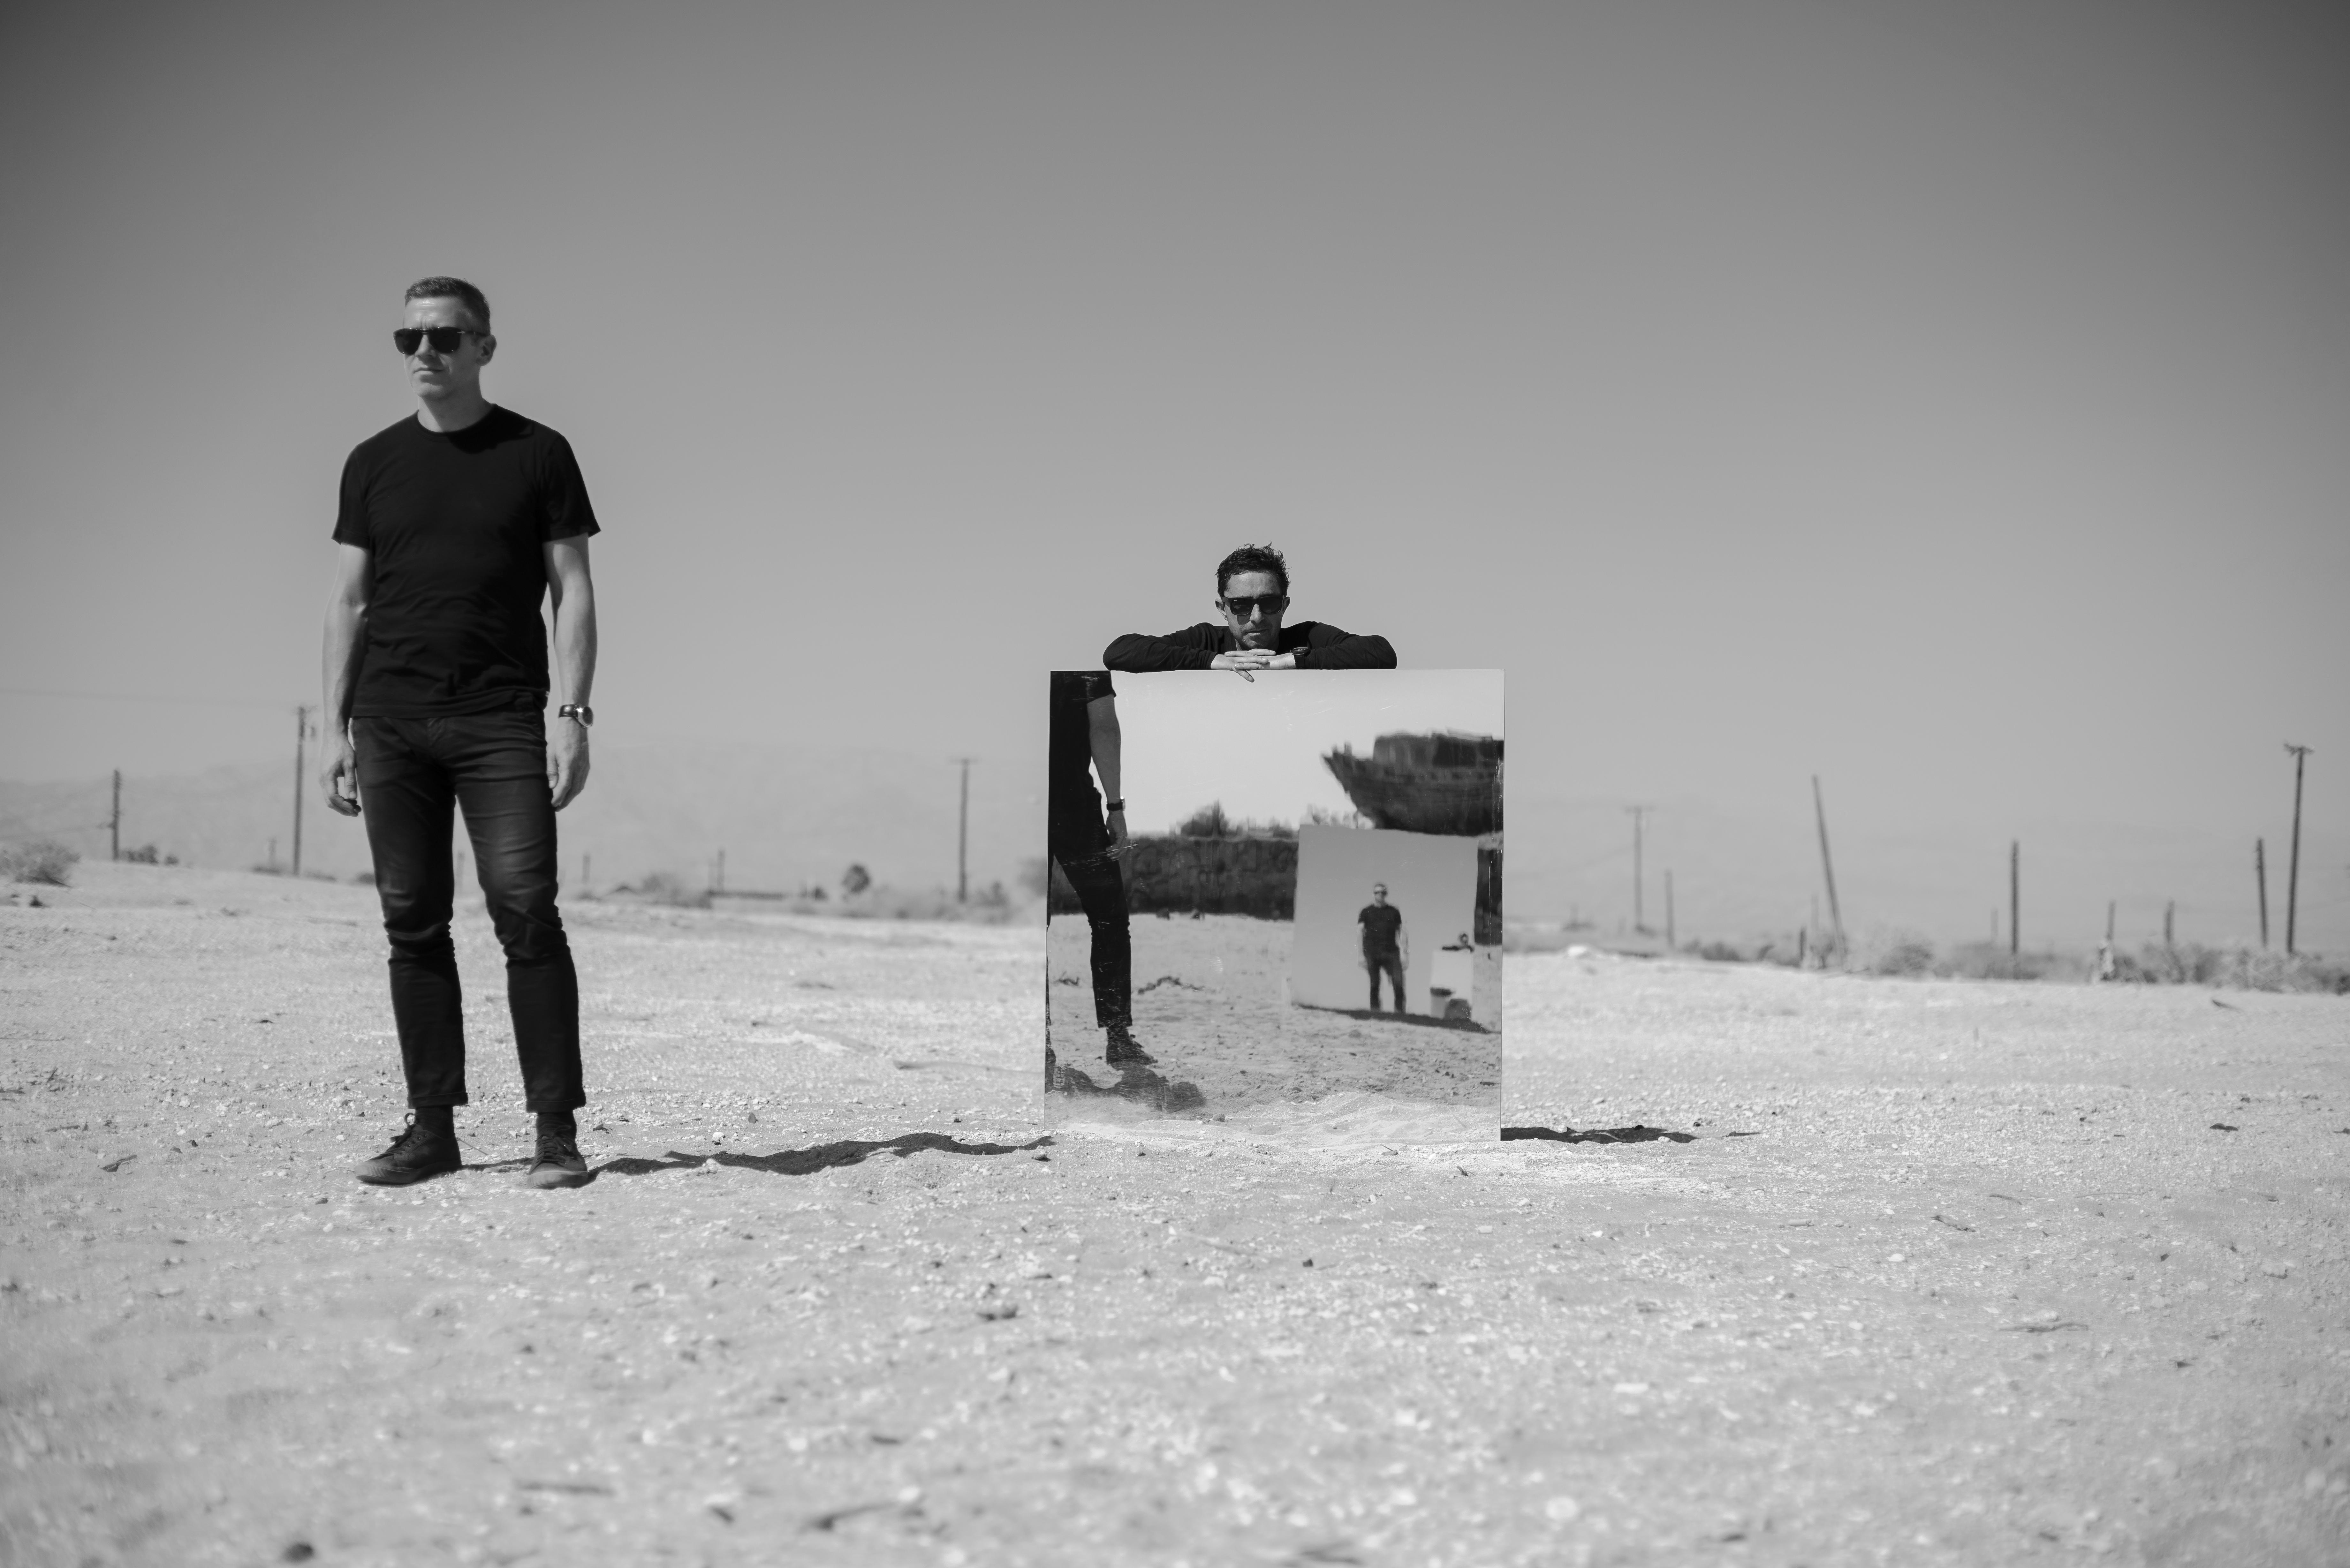 Jason Swinscoe, front left; Dominic Smith, back right. / Photo: B+